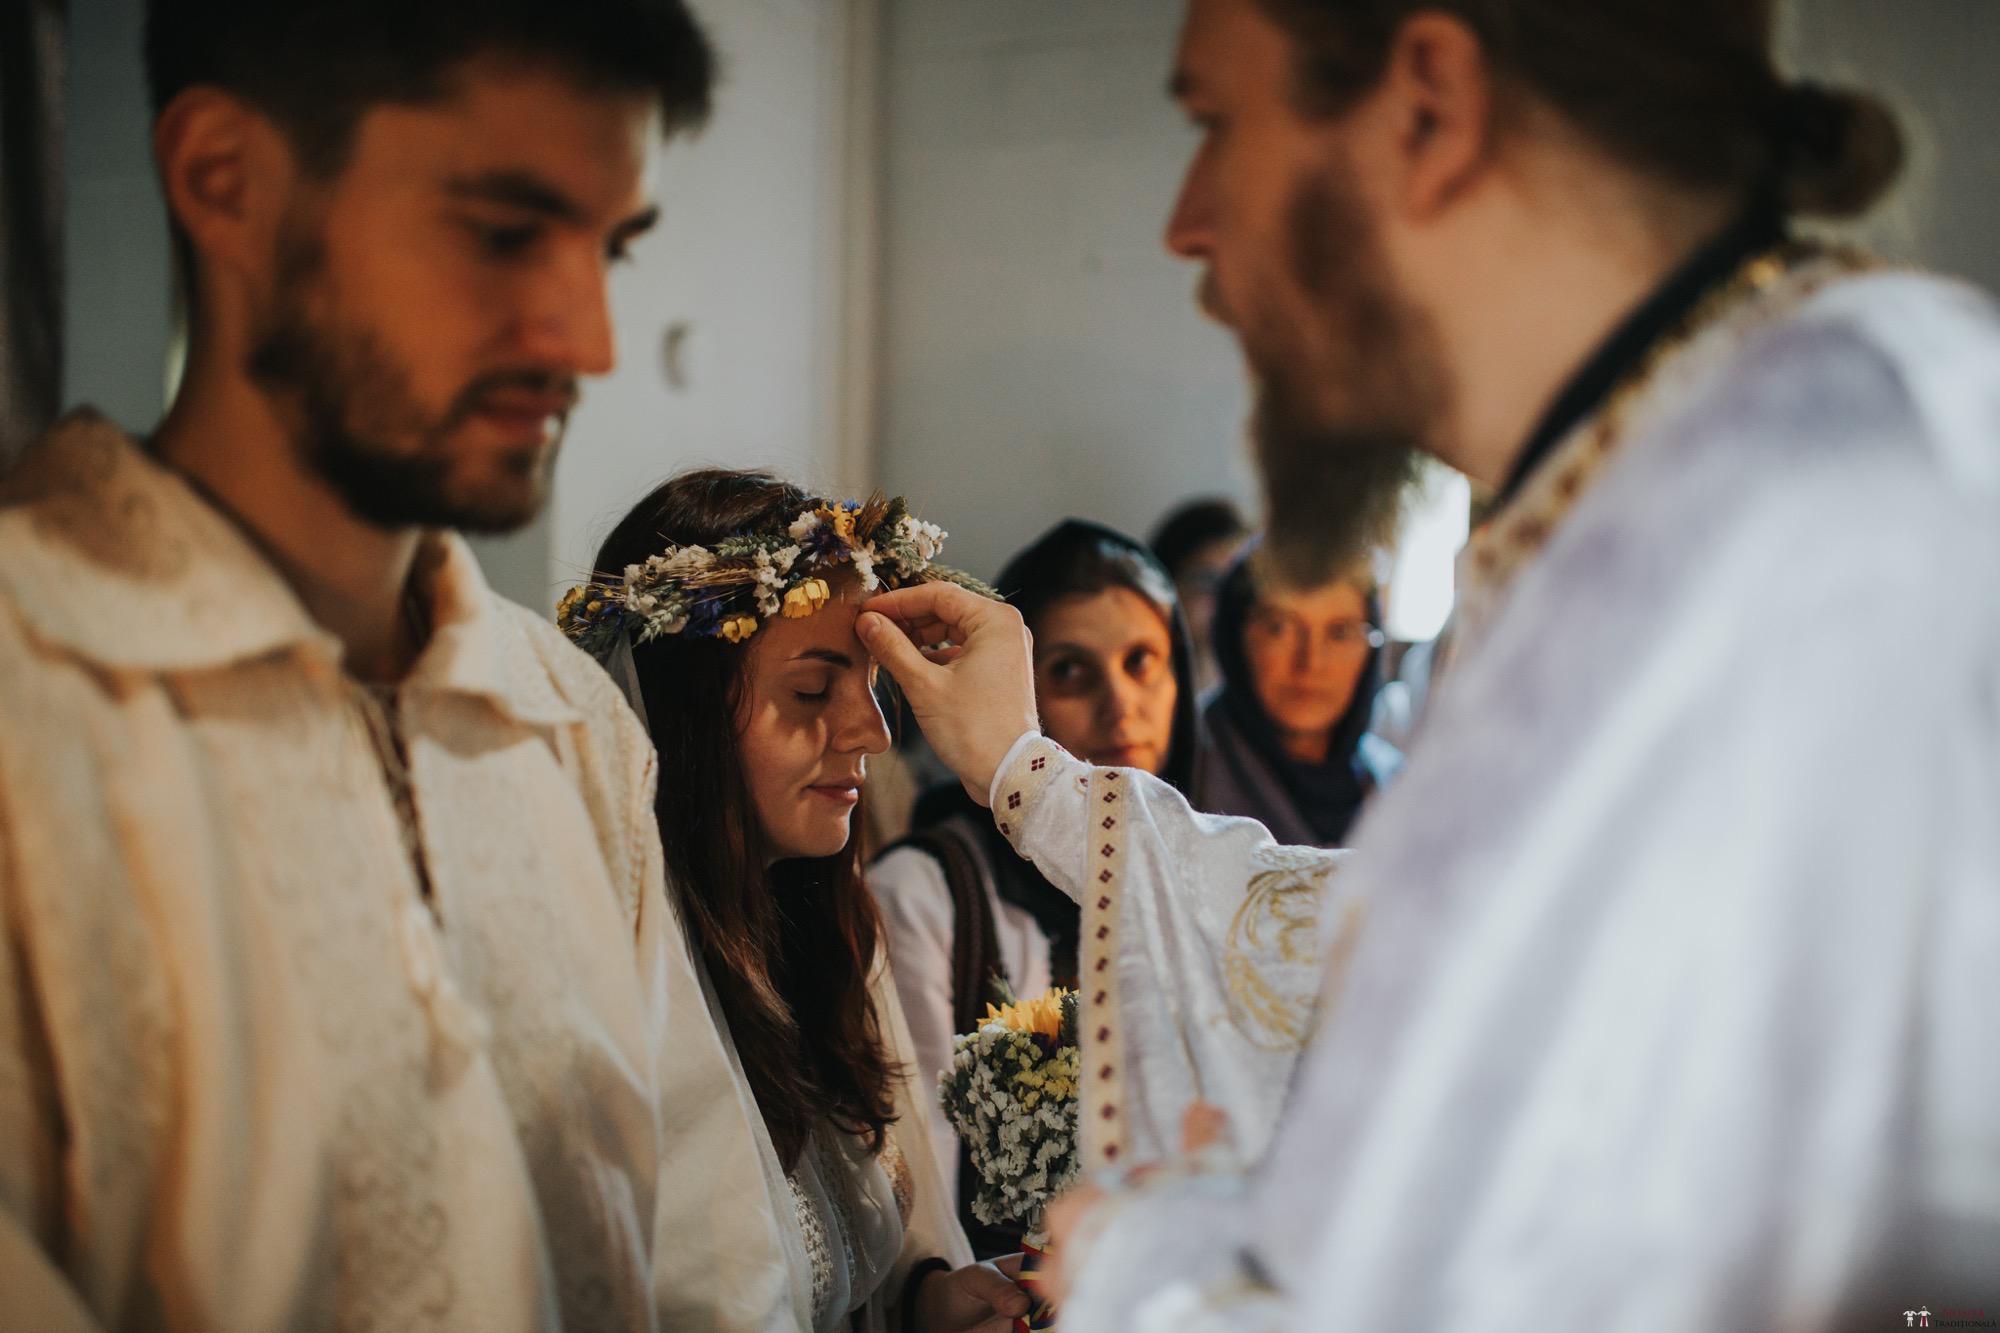 Povești Nunți Tradiționale - Gabriela și Iulian. Nuntă românească în Belgia. 30